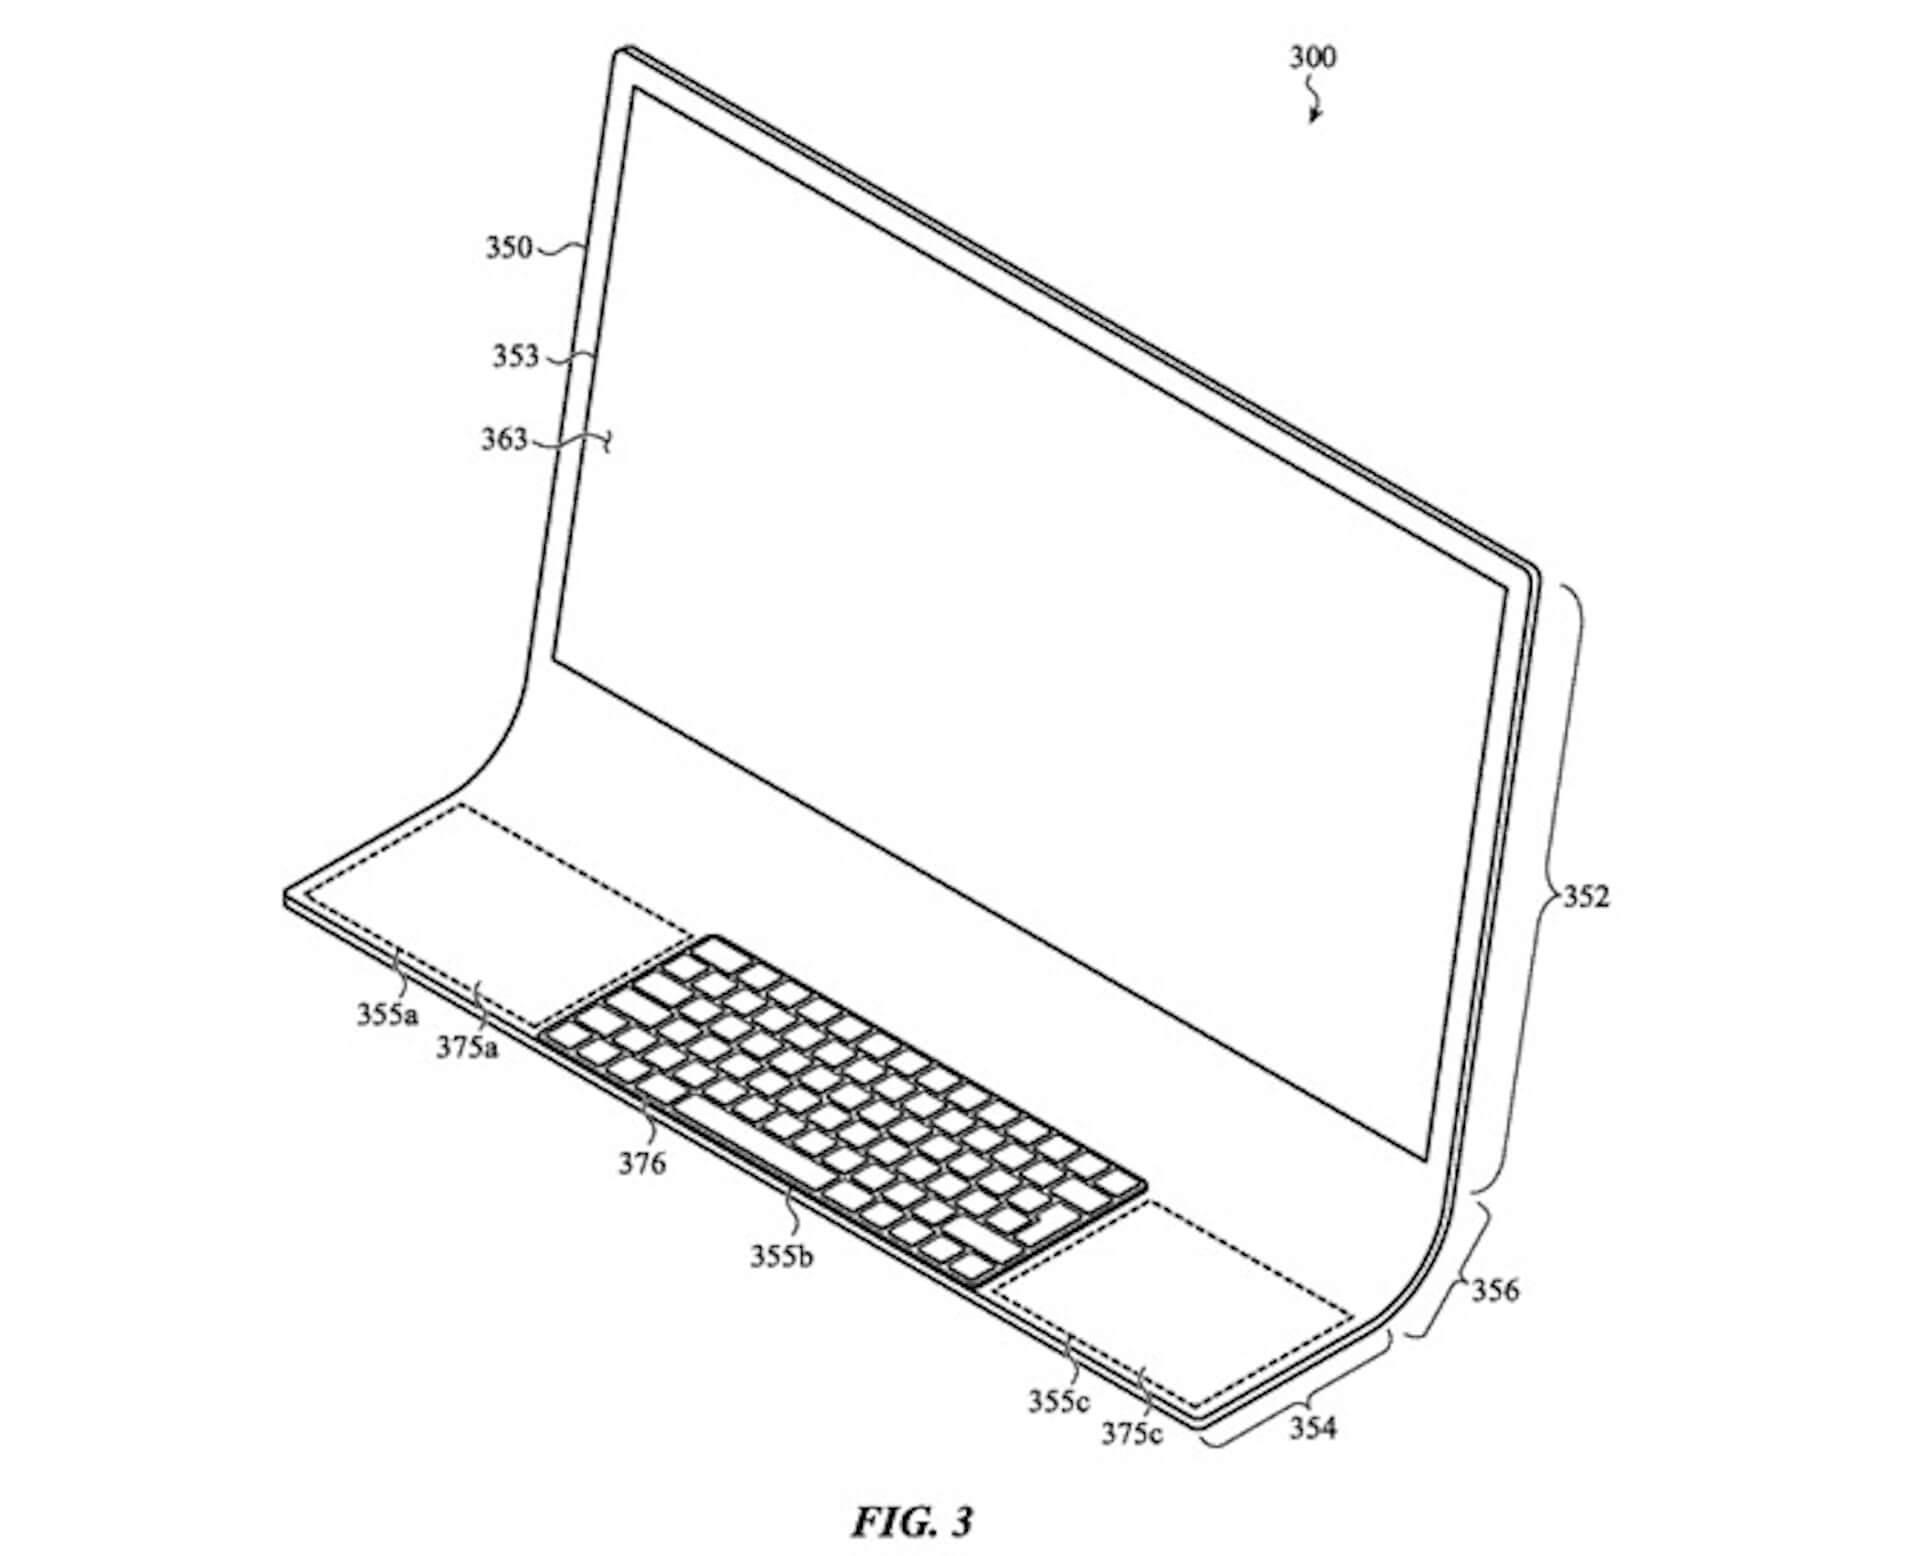 iMacがガラス製のディスプレイ1枚に生まれ変わる!?Appleが特許を申請 tech200127_imac_1